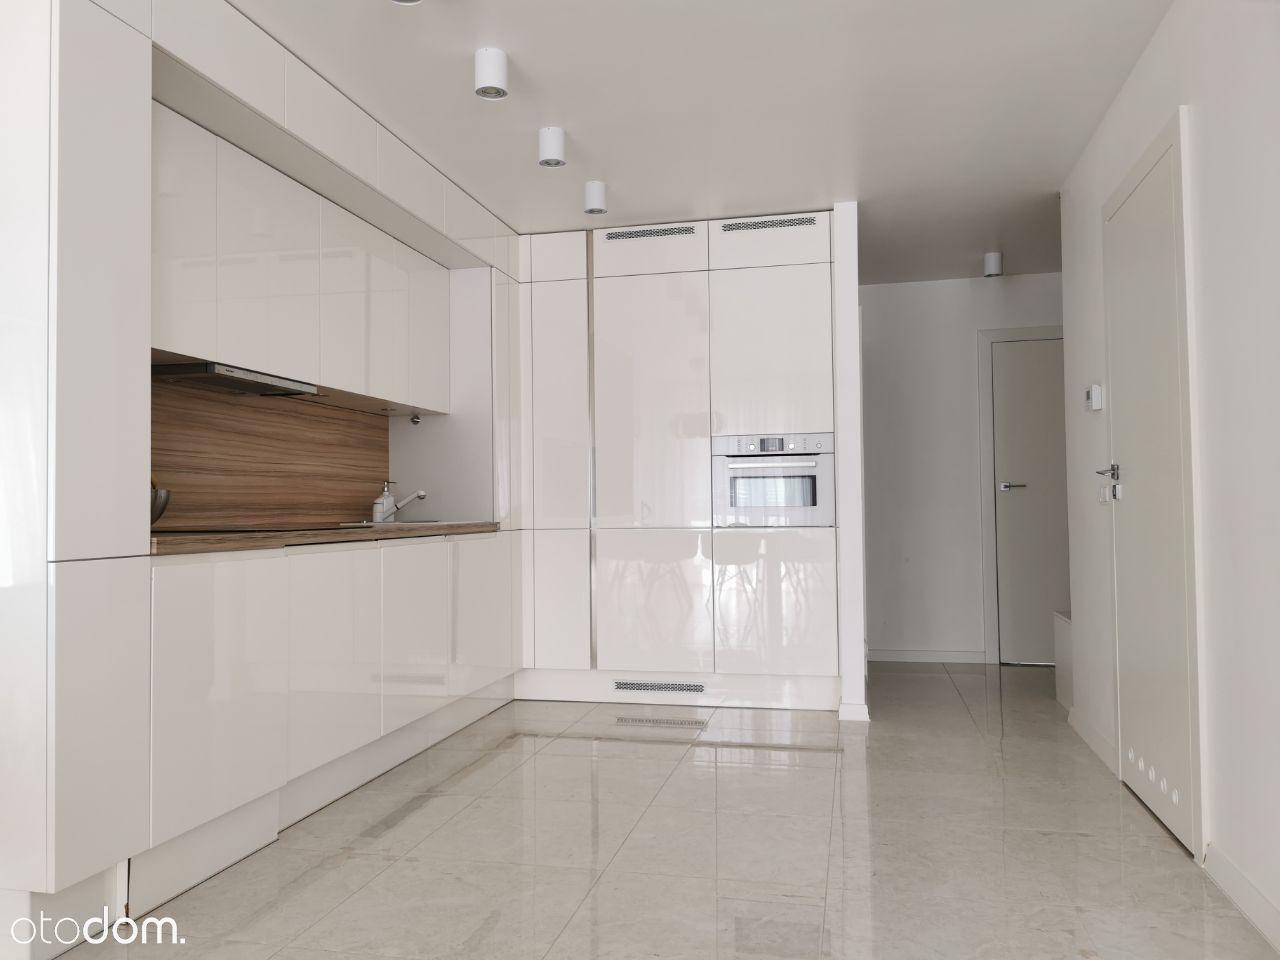 Nowoczesne mieszkanie 65m z komórką lokat. Zalesie